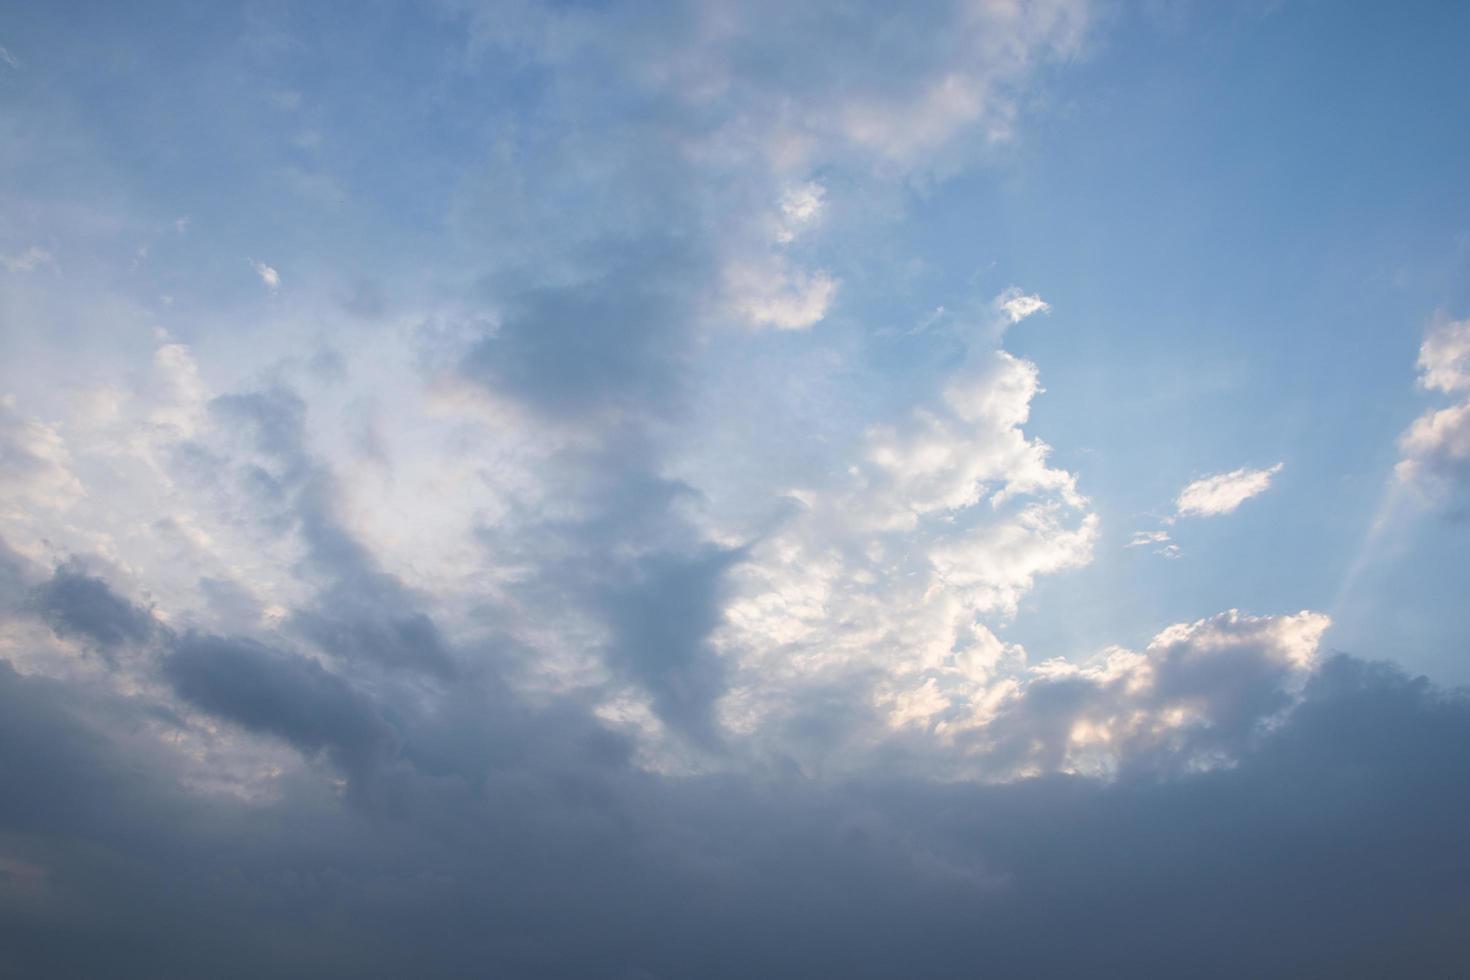 il cielo e le nuvole al tramonto foto